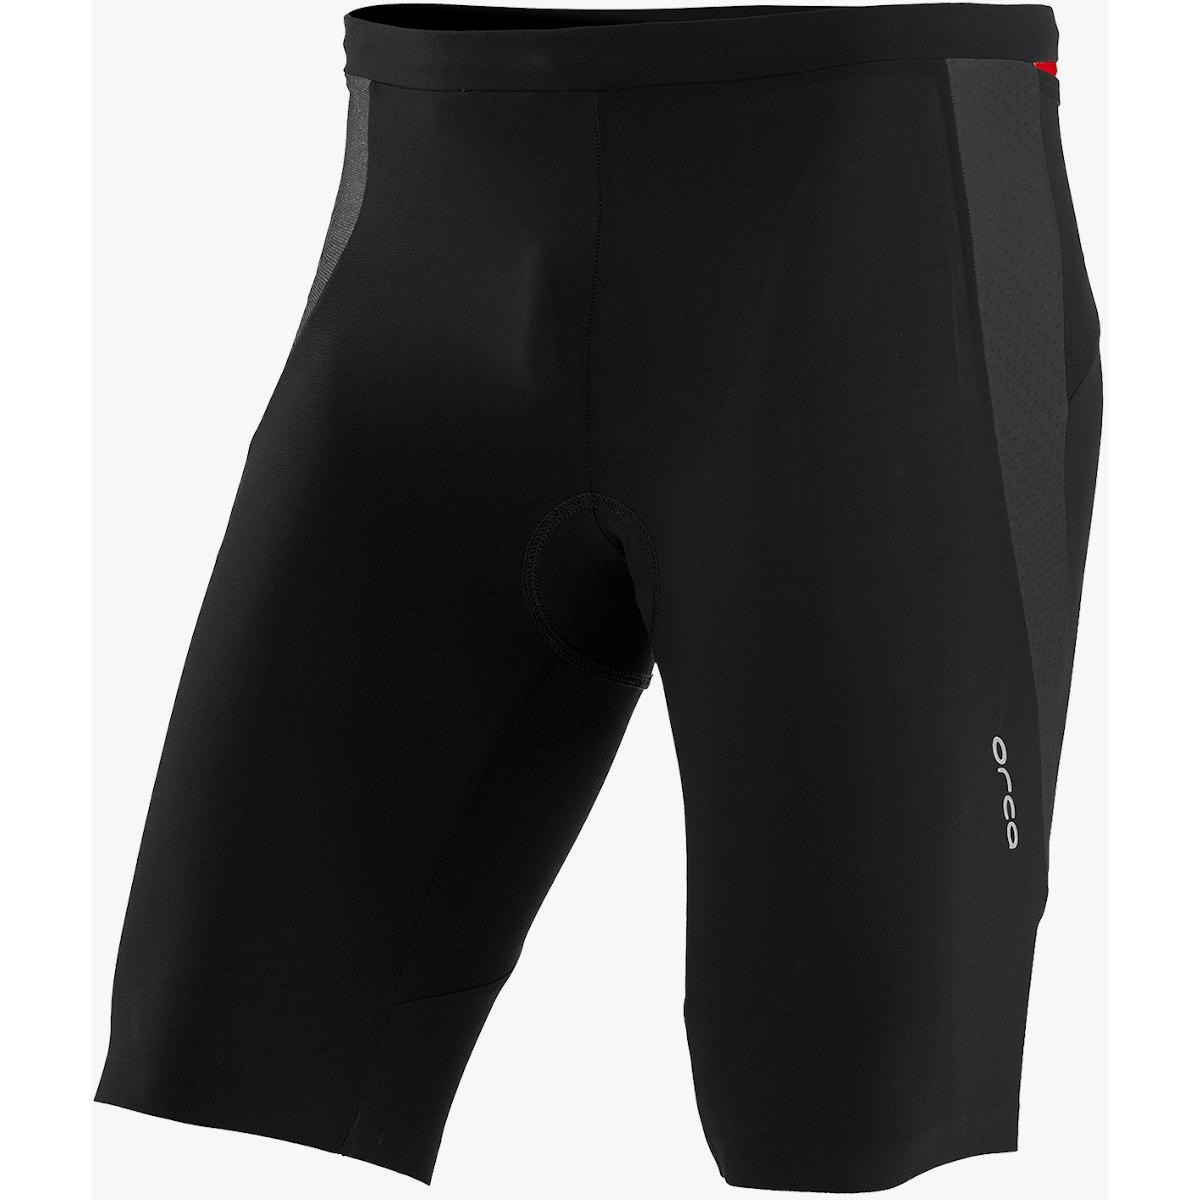 Foto de Orca 226 Kompress Tri Tech Pants Men - black/orange